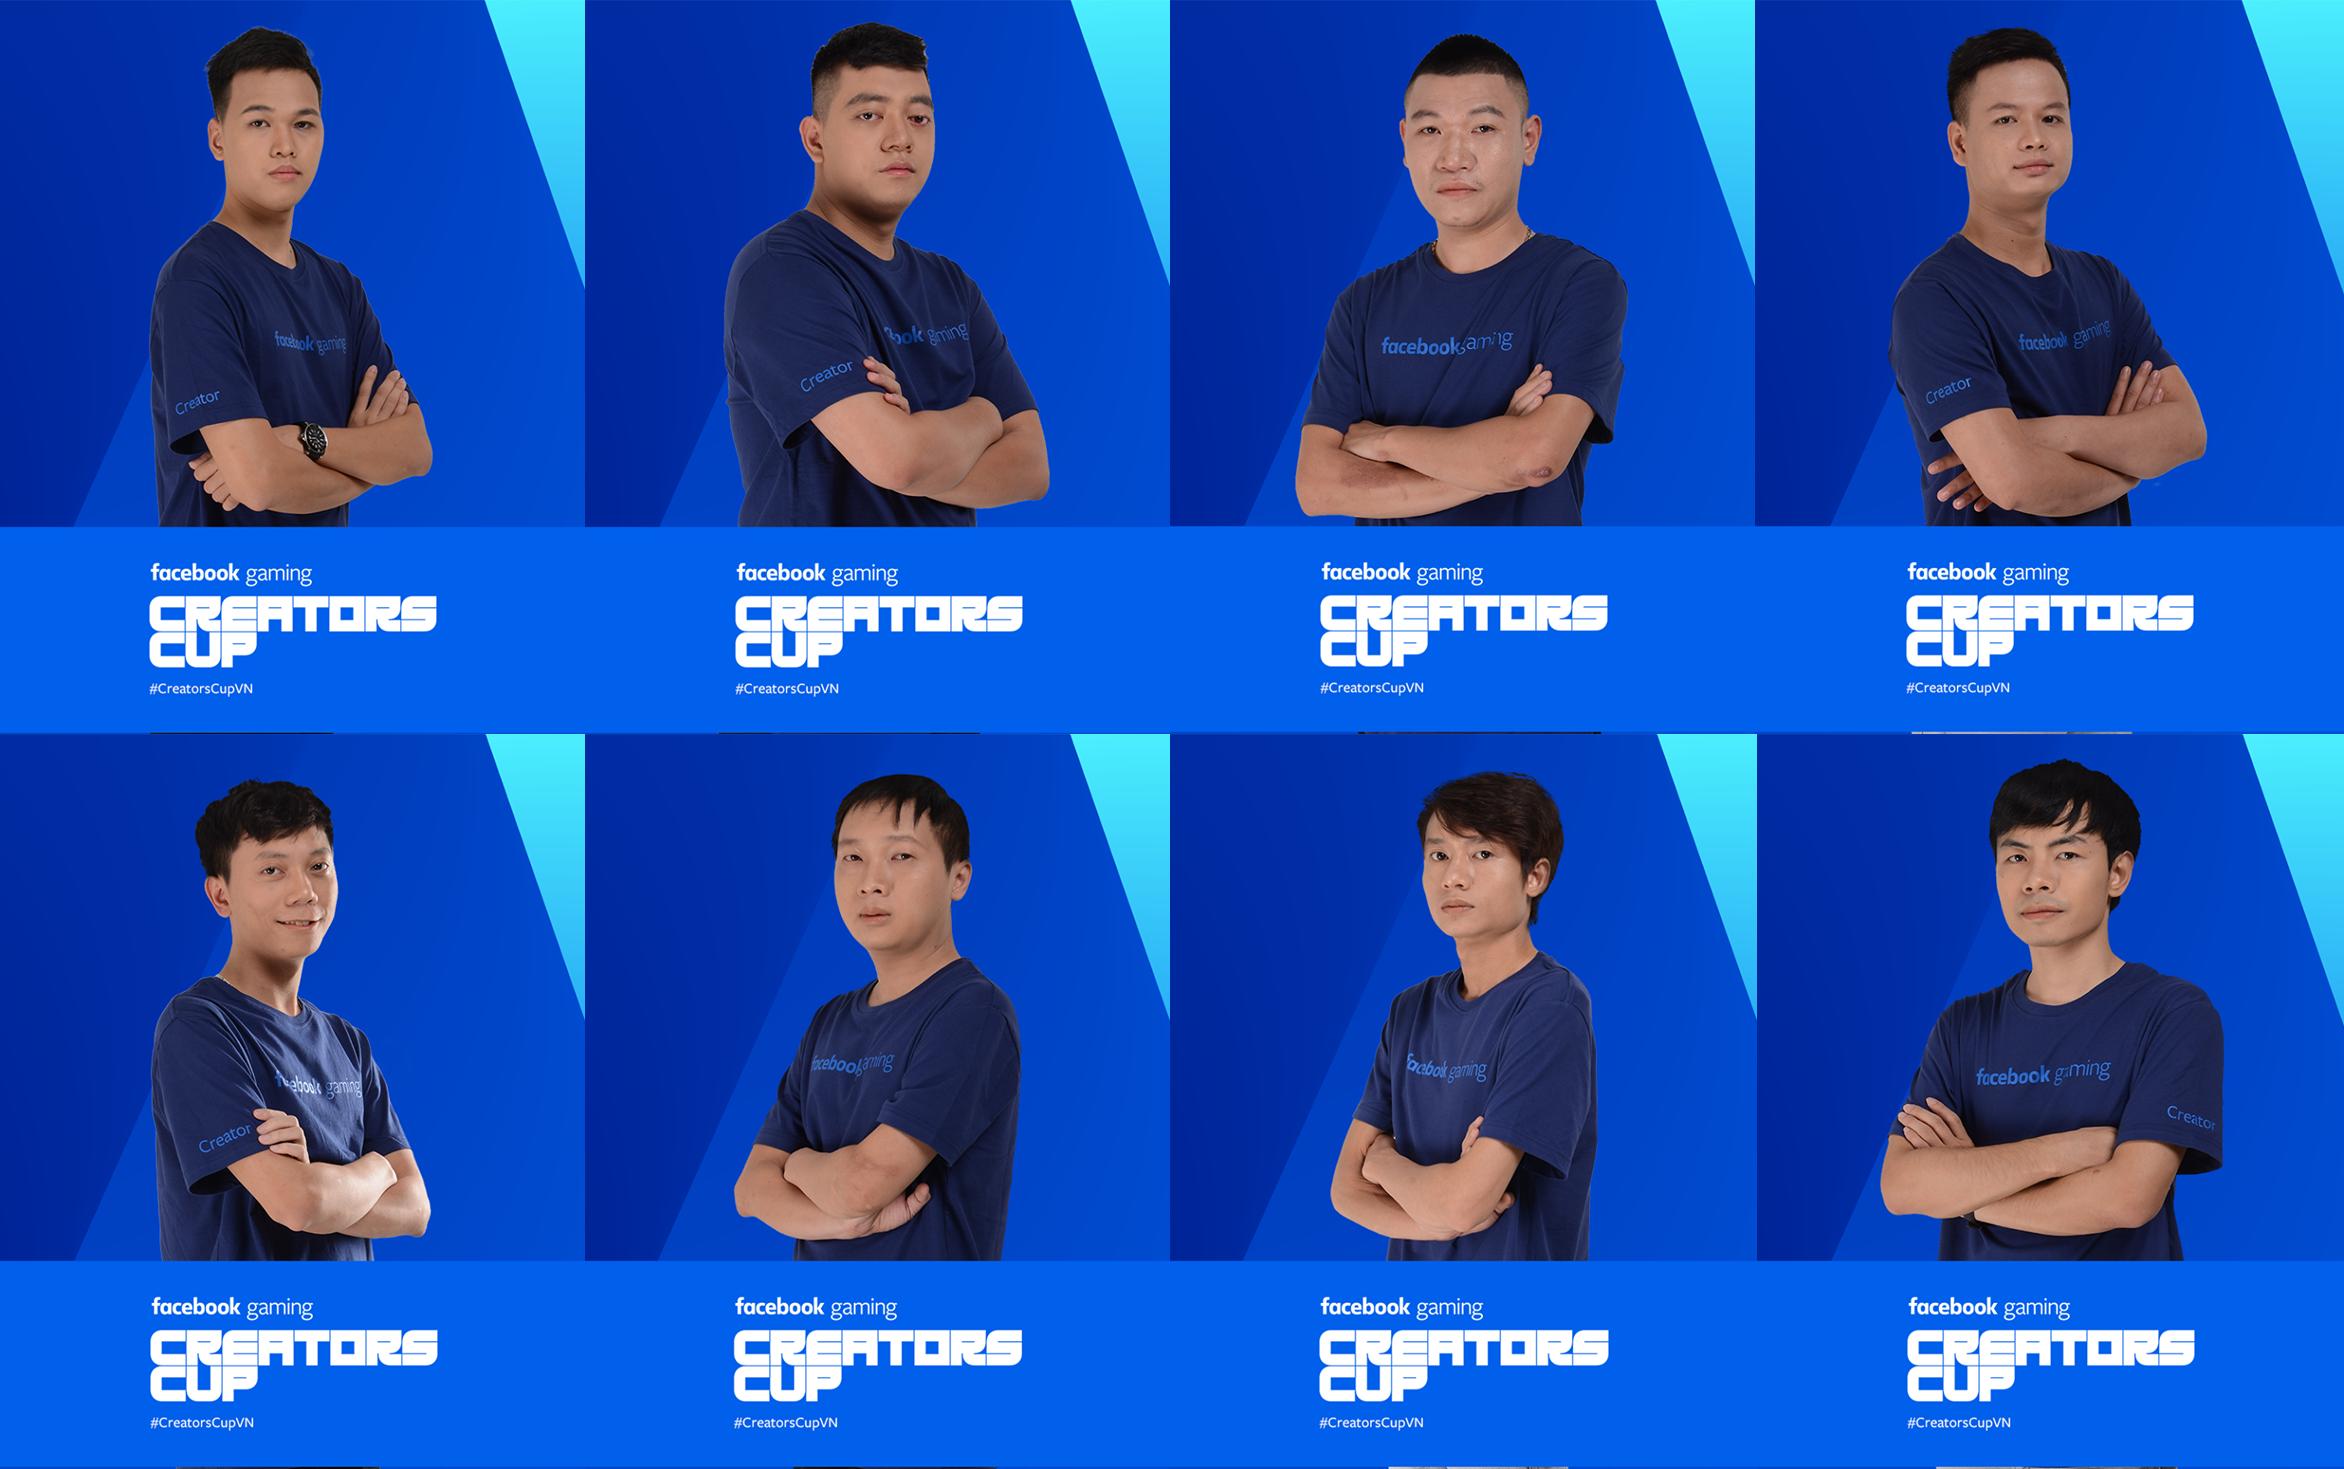 Siêu kinh điển: 2 kèo đấu Showmatch tổng kết giải đấu AoE Facebook Gaming Creators Cup 2019